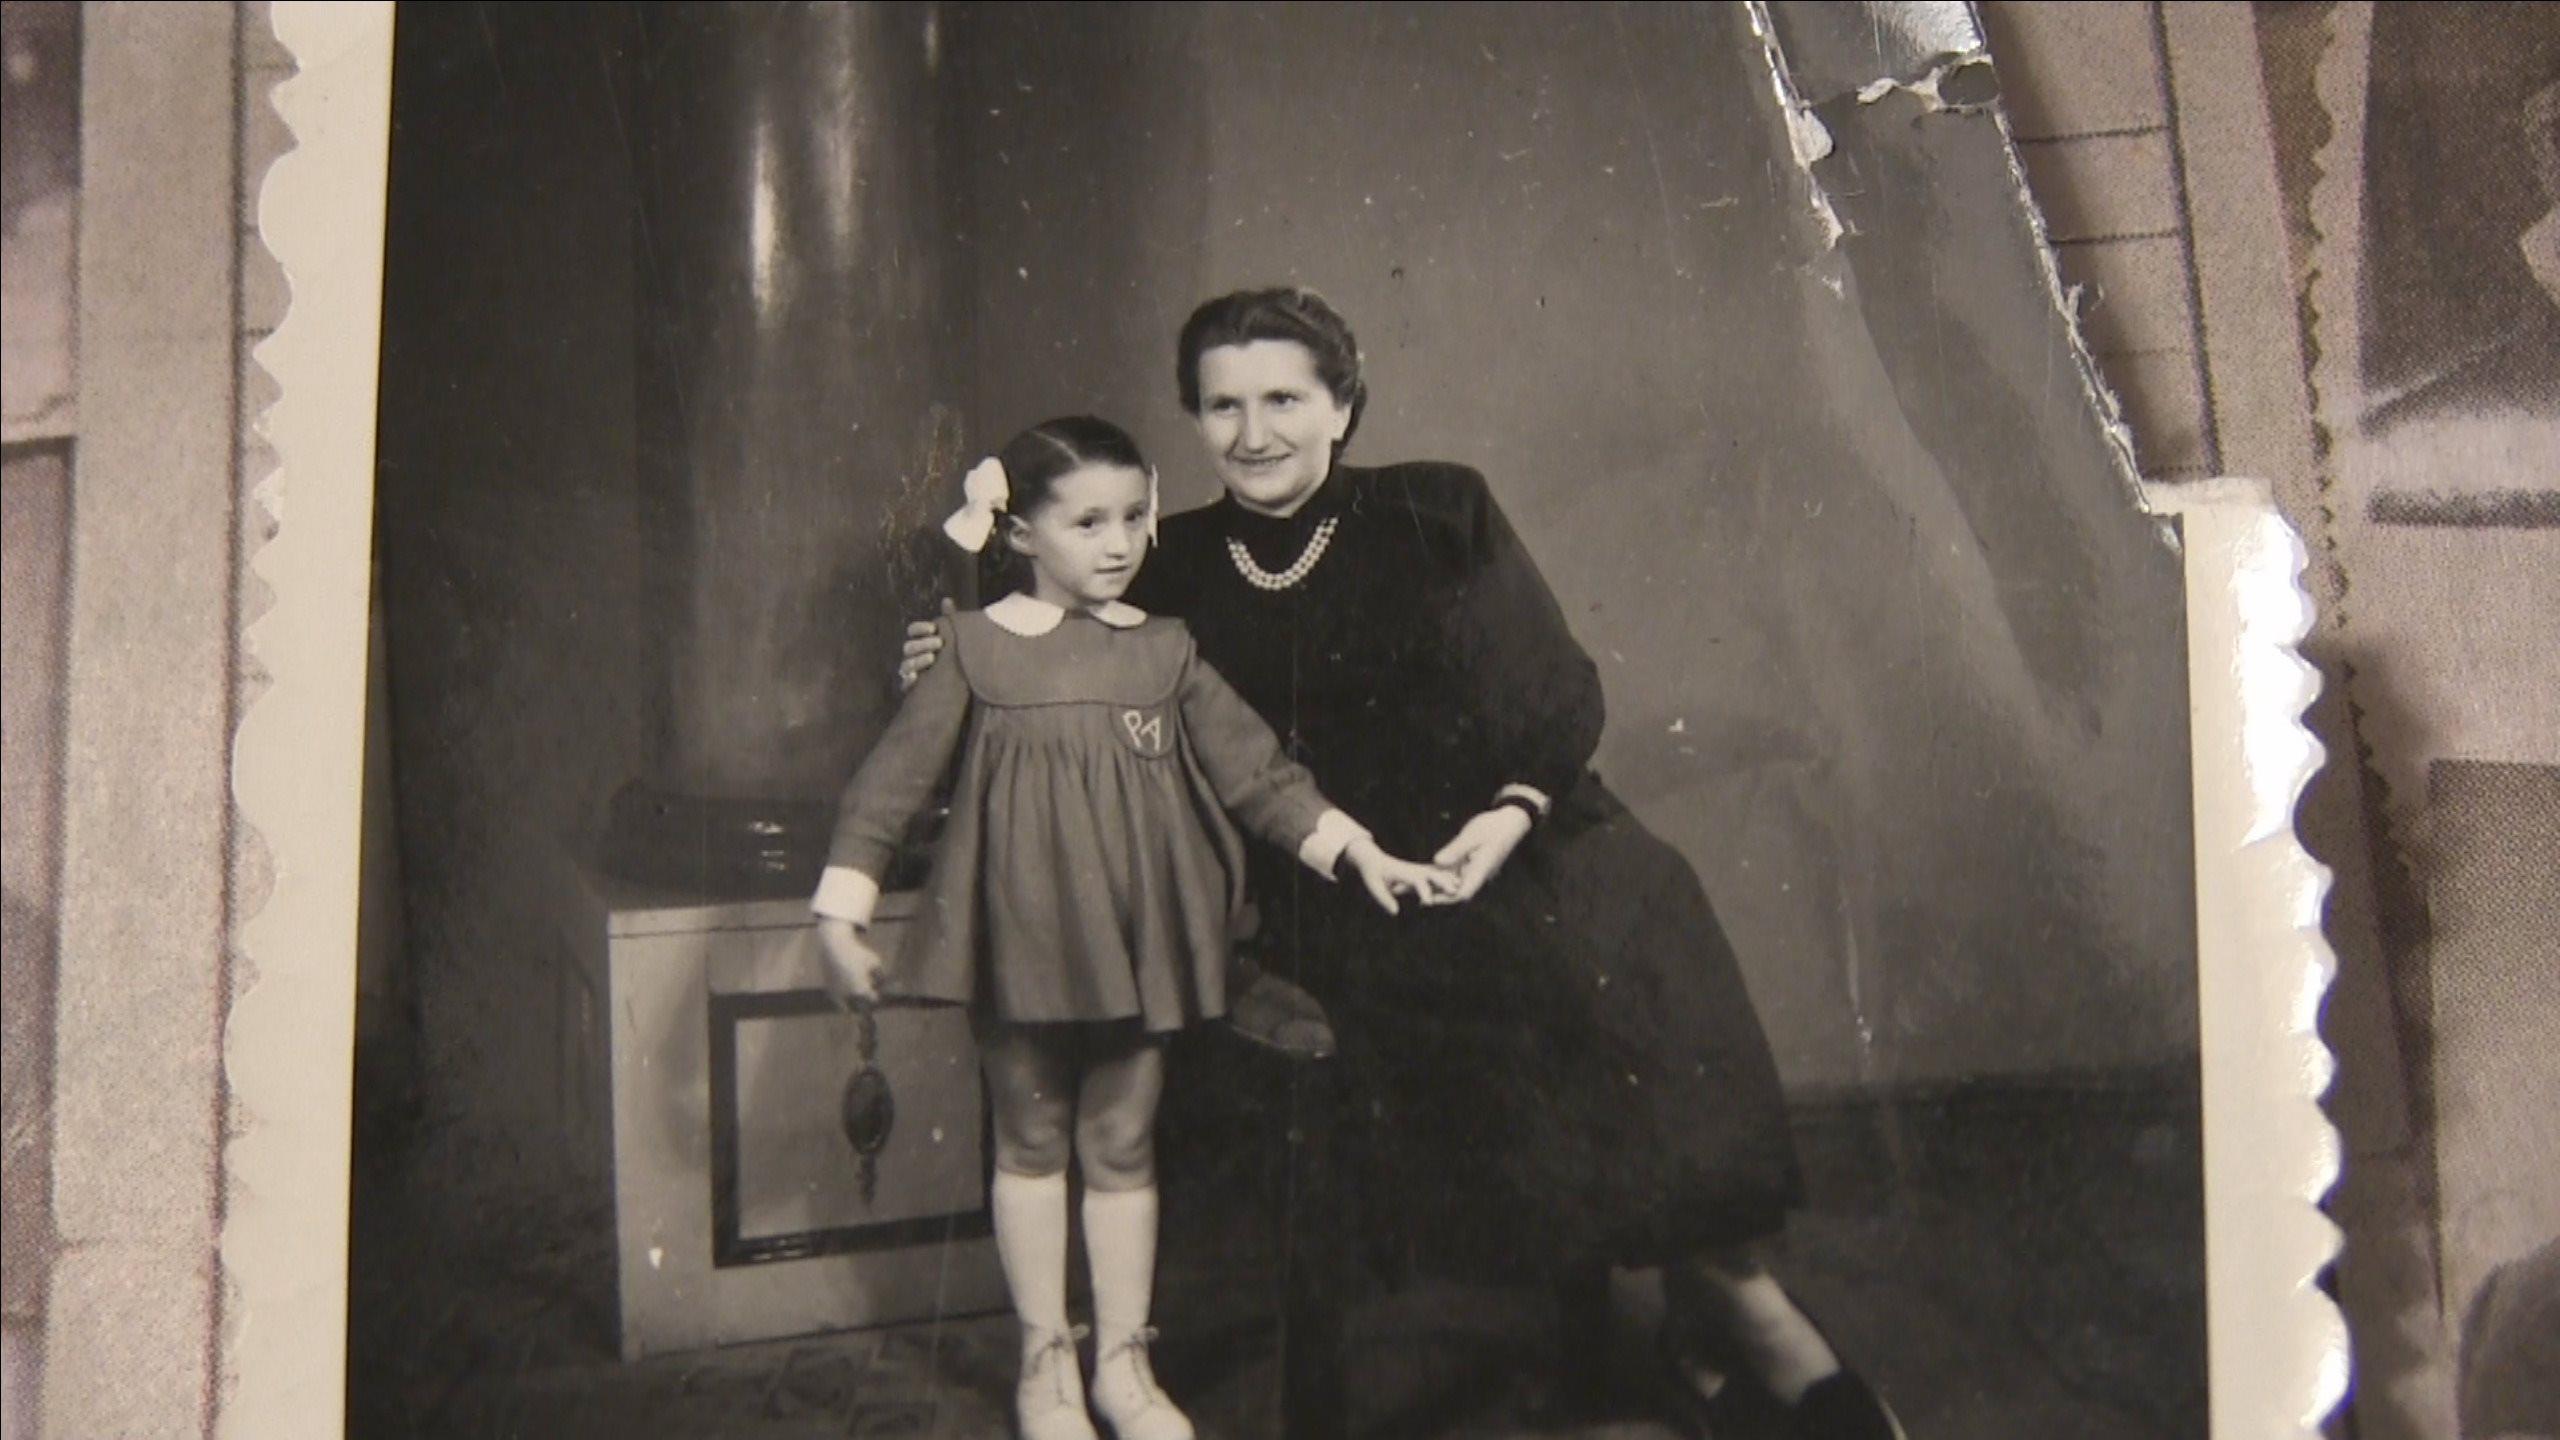 Születési helye: Auschwitz